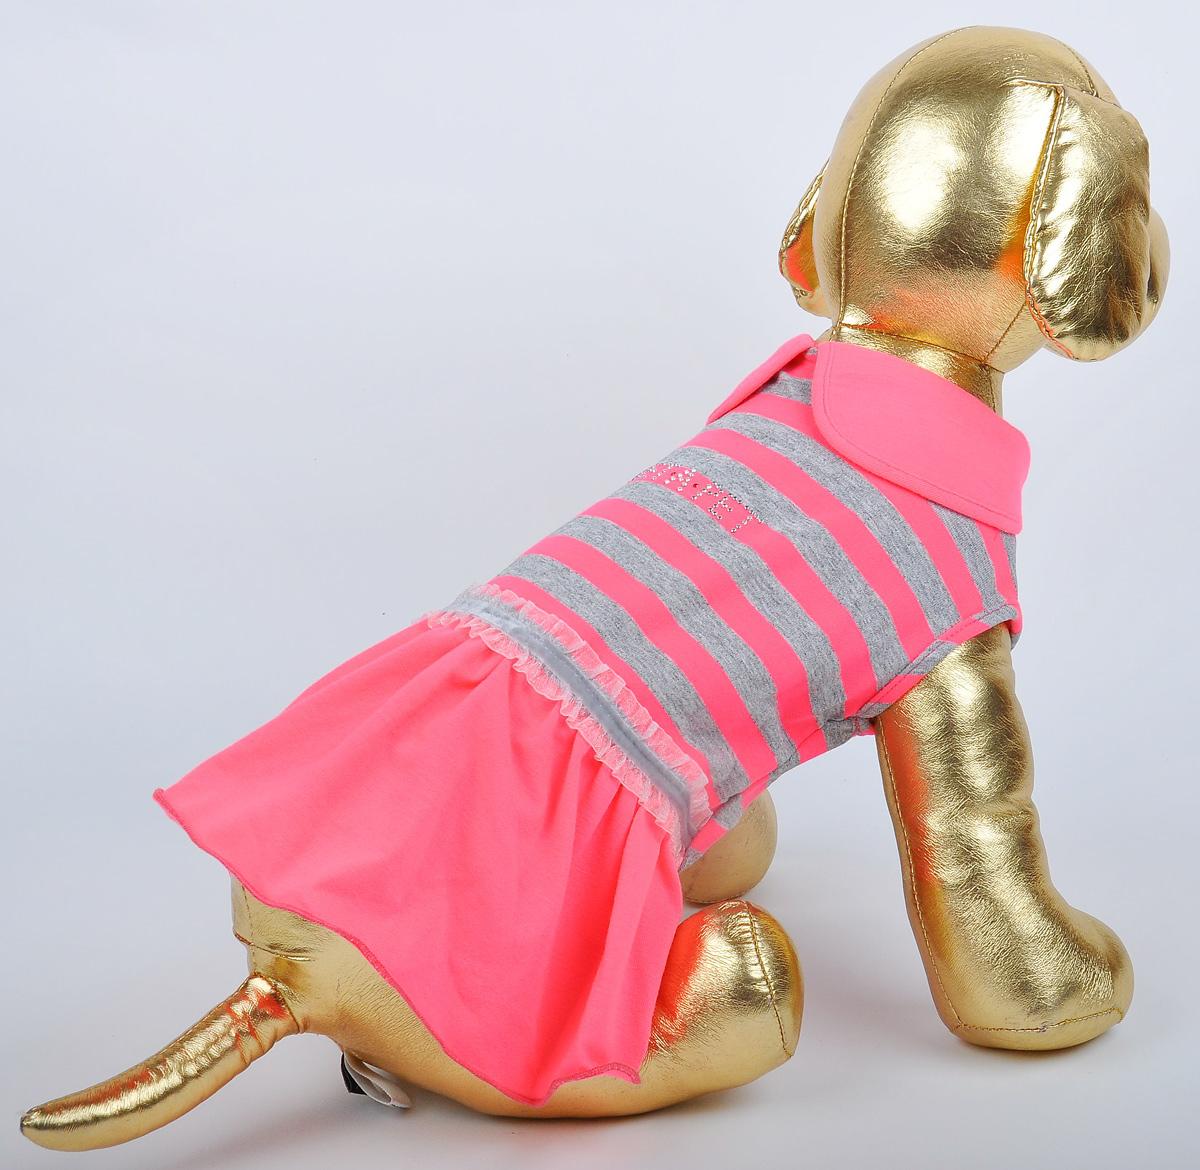 Платье для собак GLG Фэшн Ультра. Размер LMOS-005-PINK-LПлатье для собак GLG Фэшн Ультра выполнено из вискозы. Рукава не ограничивают свободу движений, и собачка будет чувствовать себя в нем комфортно. Изделие застегивается с помощью кнопок..Модное и невероятно удобное платье защитит вашего питомца от пыли и насекомых на улице, согреет дома или на даче. Длина спины: 28-30 см Обхват груди: 43-45 см.